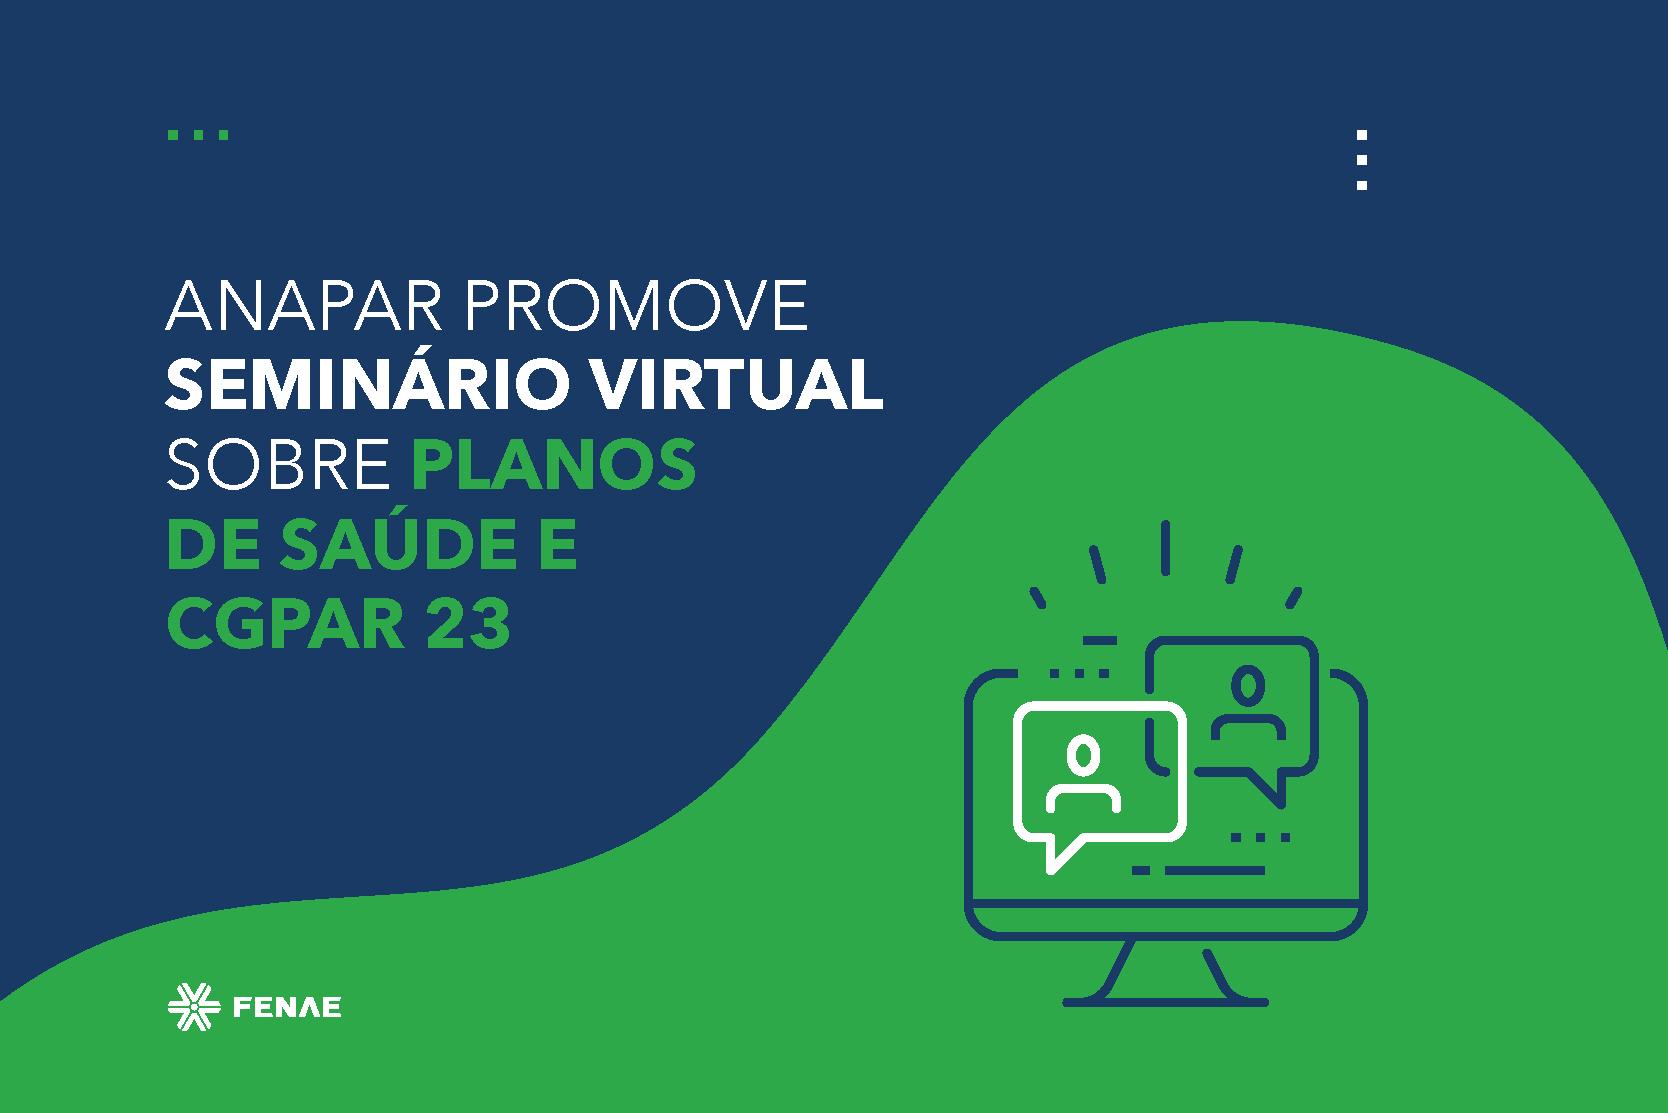 _Anapar_Seminario-Online-600x400 19.10.png